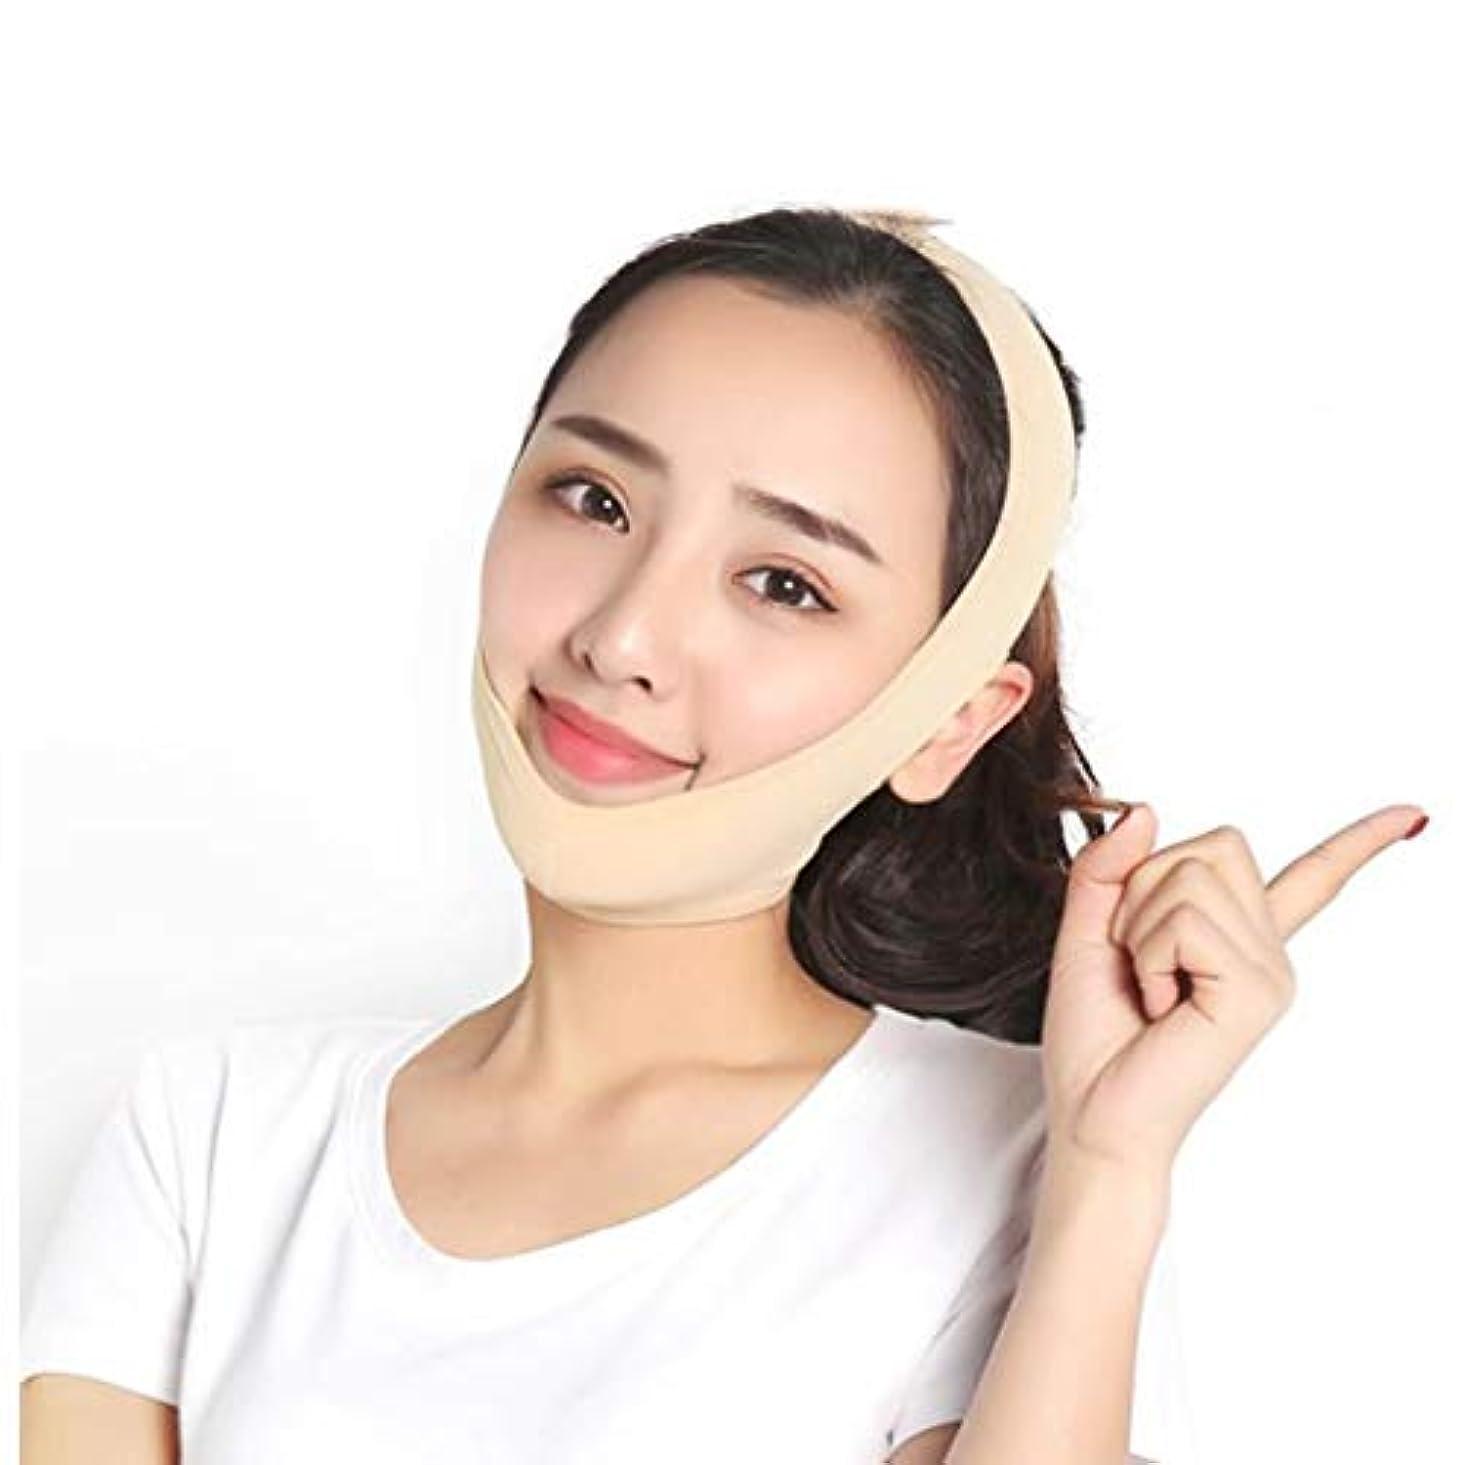 現実的ありふれた長方形XHLMRMJ リダクターパパダ、レバンテラメジラバービラデルガダ、フェイシャル減量リフティング包帯、しわ防止フェイシャル包帯、スリミングフェイスマスク (Size : M)